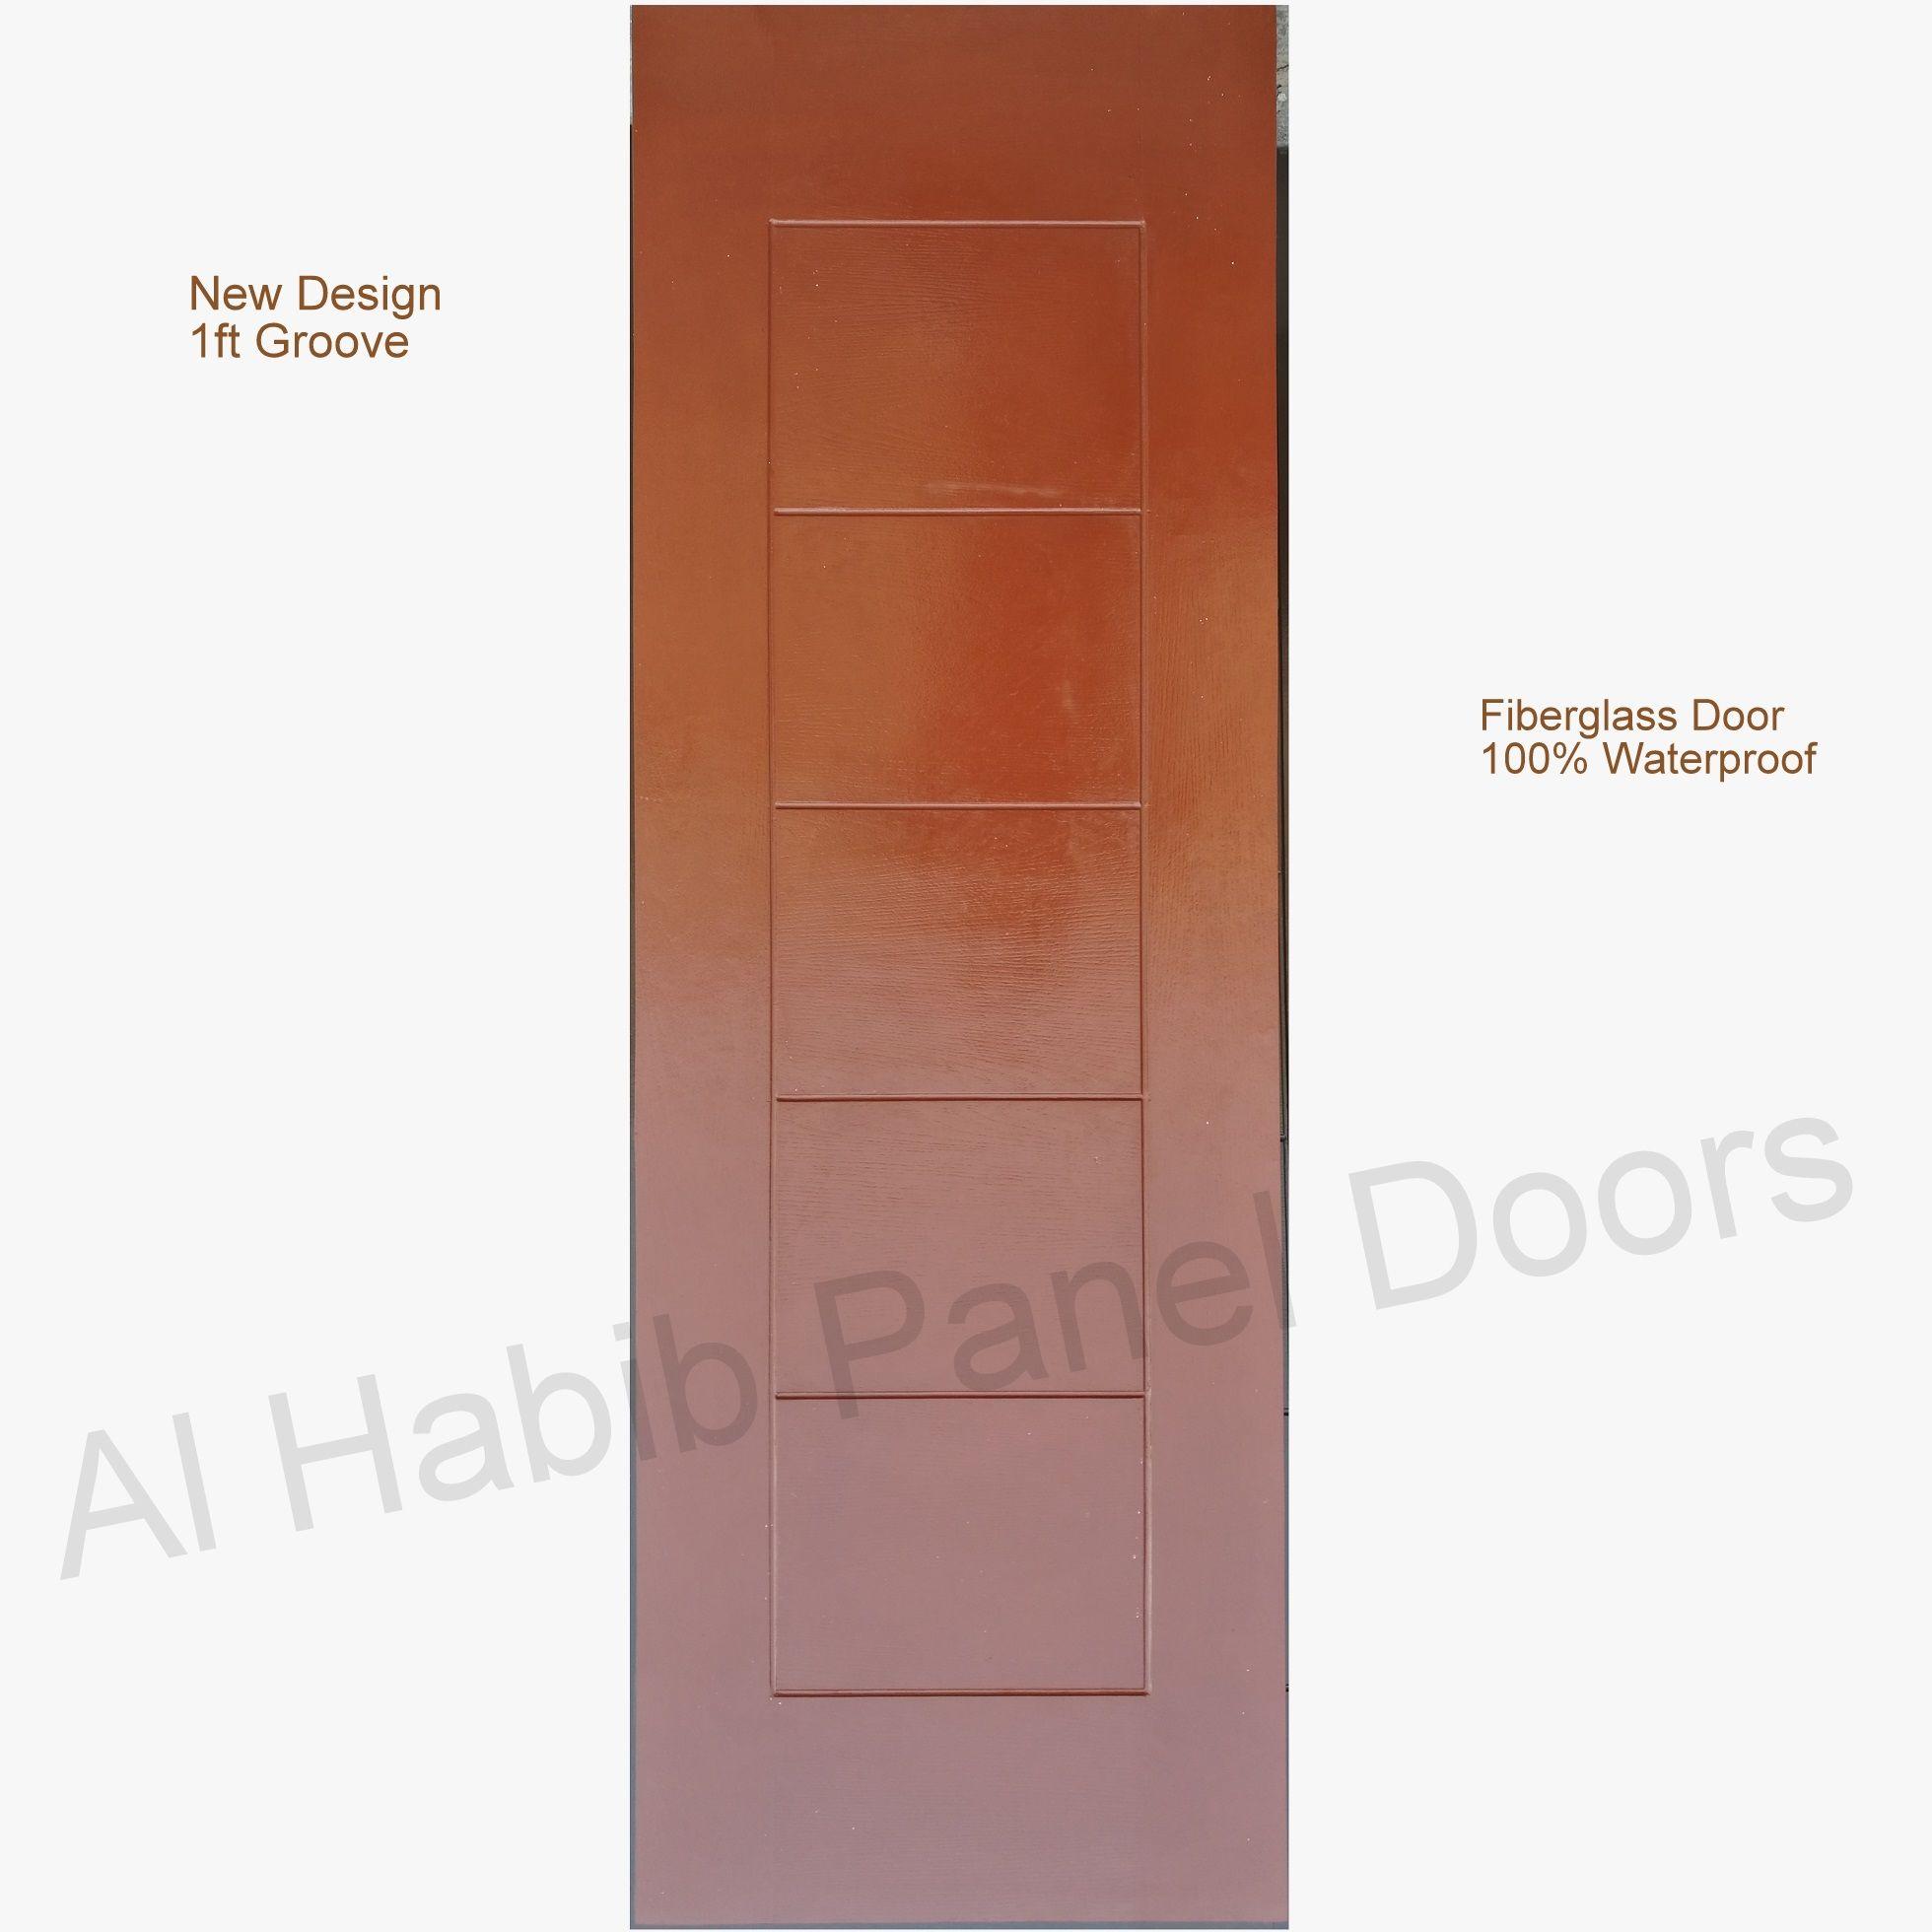 Fiberglass Door 1ft Groove New Design Hpd600